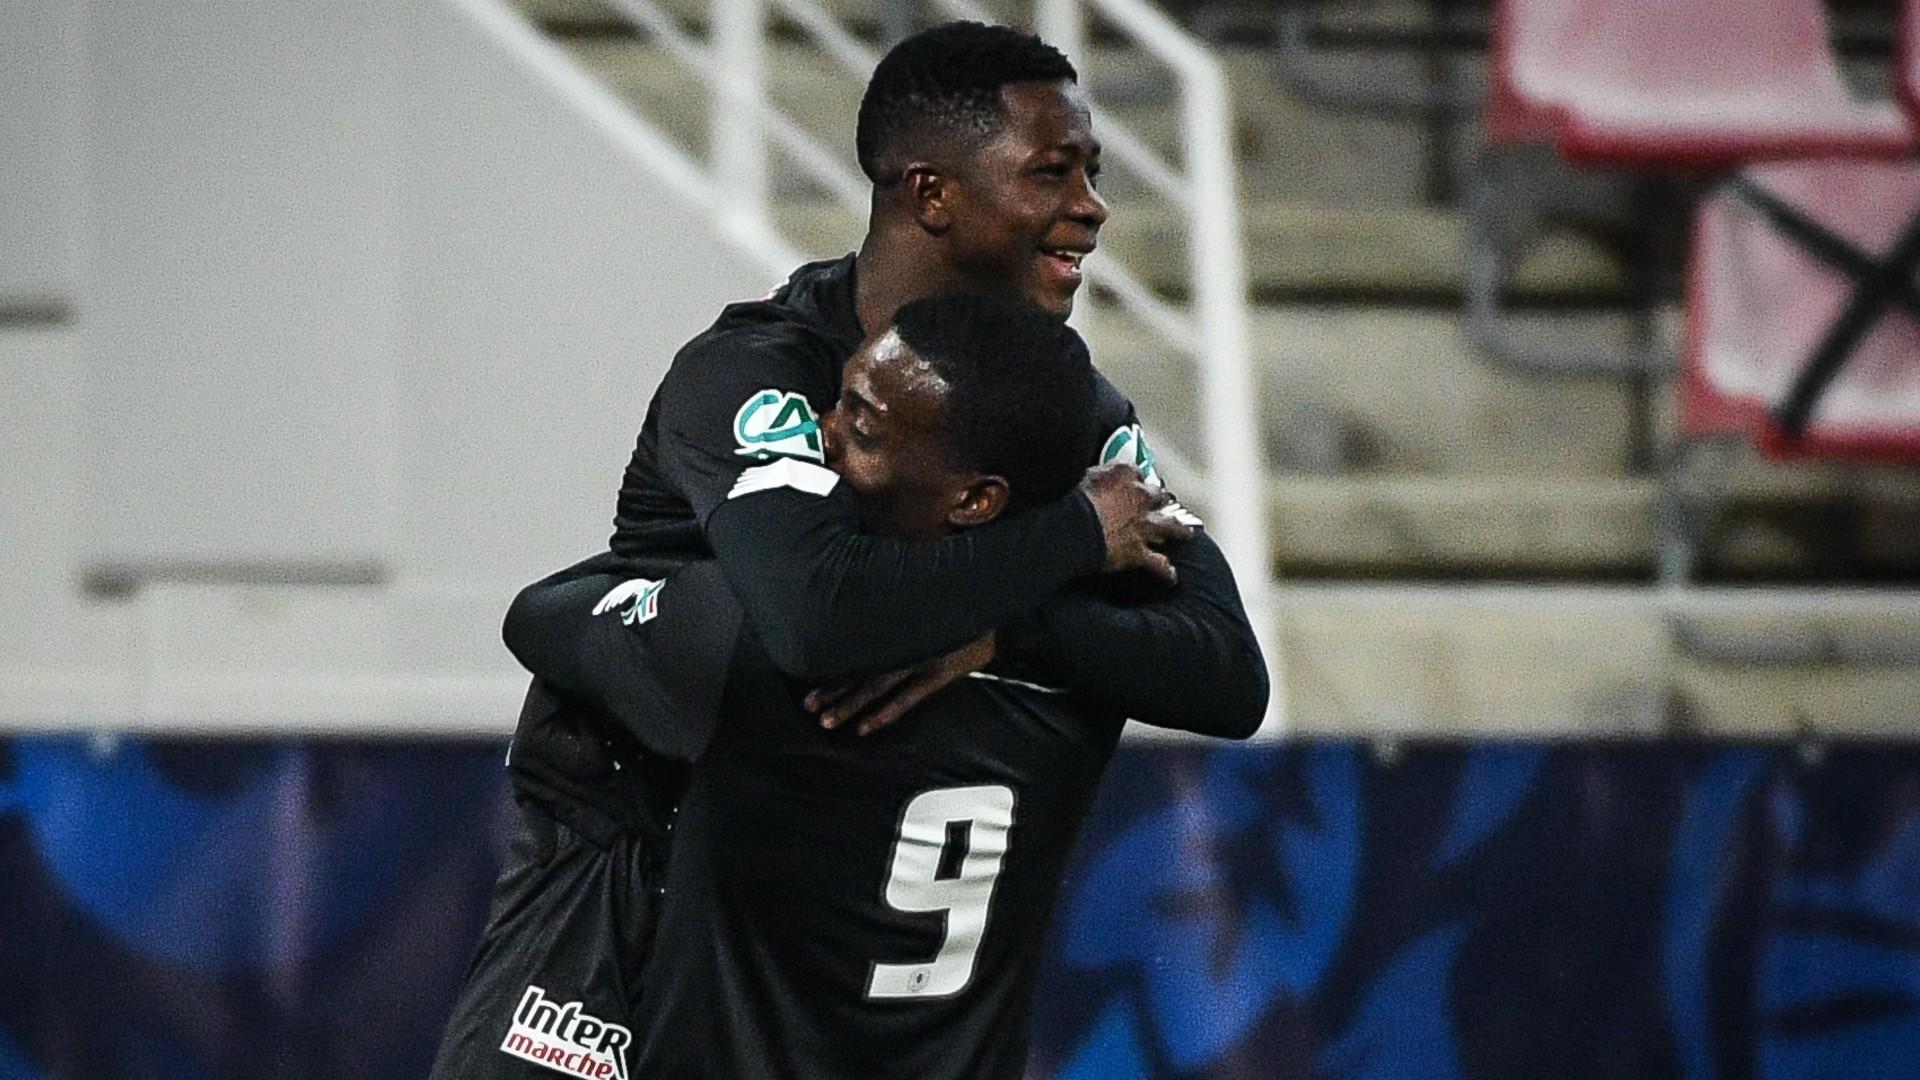 'He's appreciated' - Lille's Galtier in awe of Camara display versus Dijon